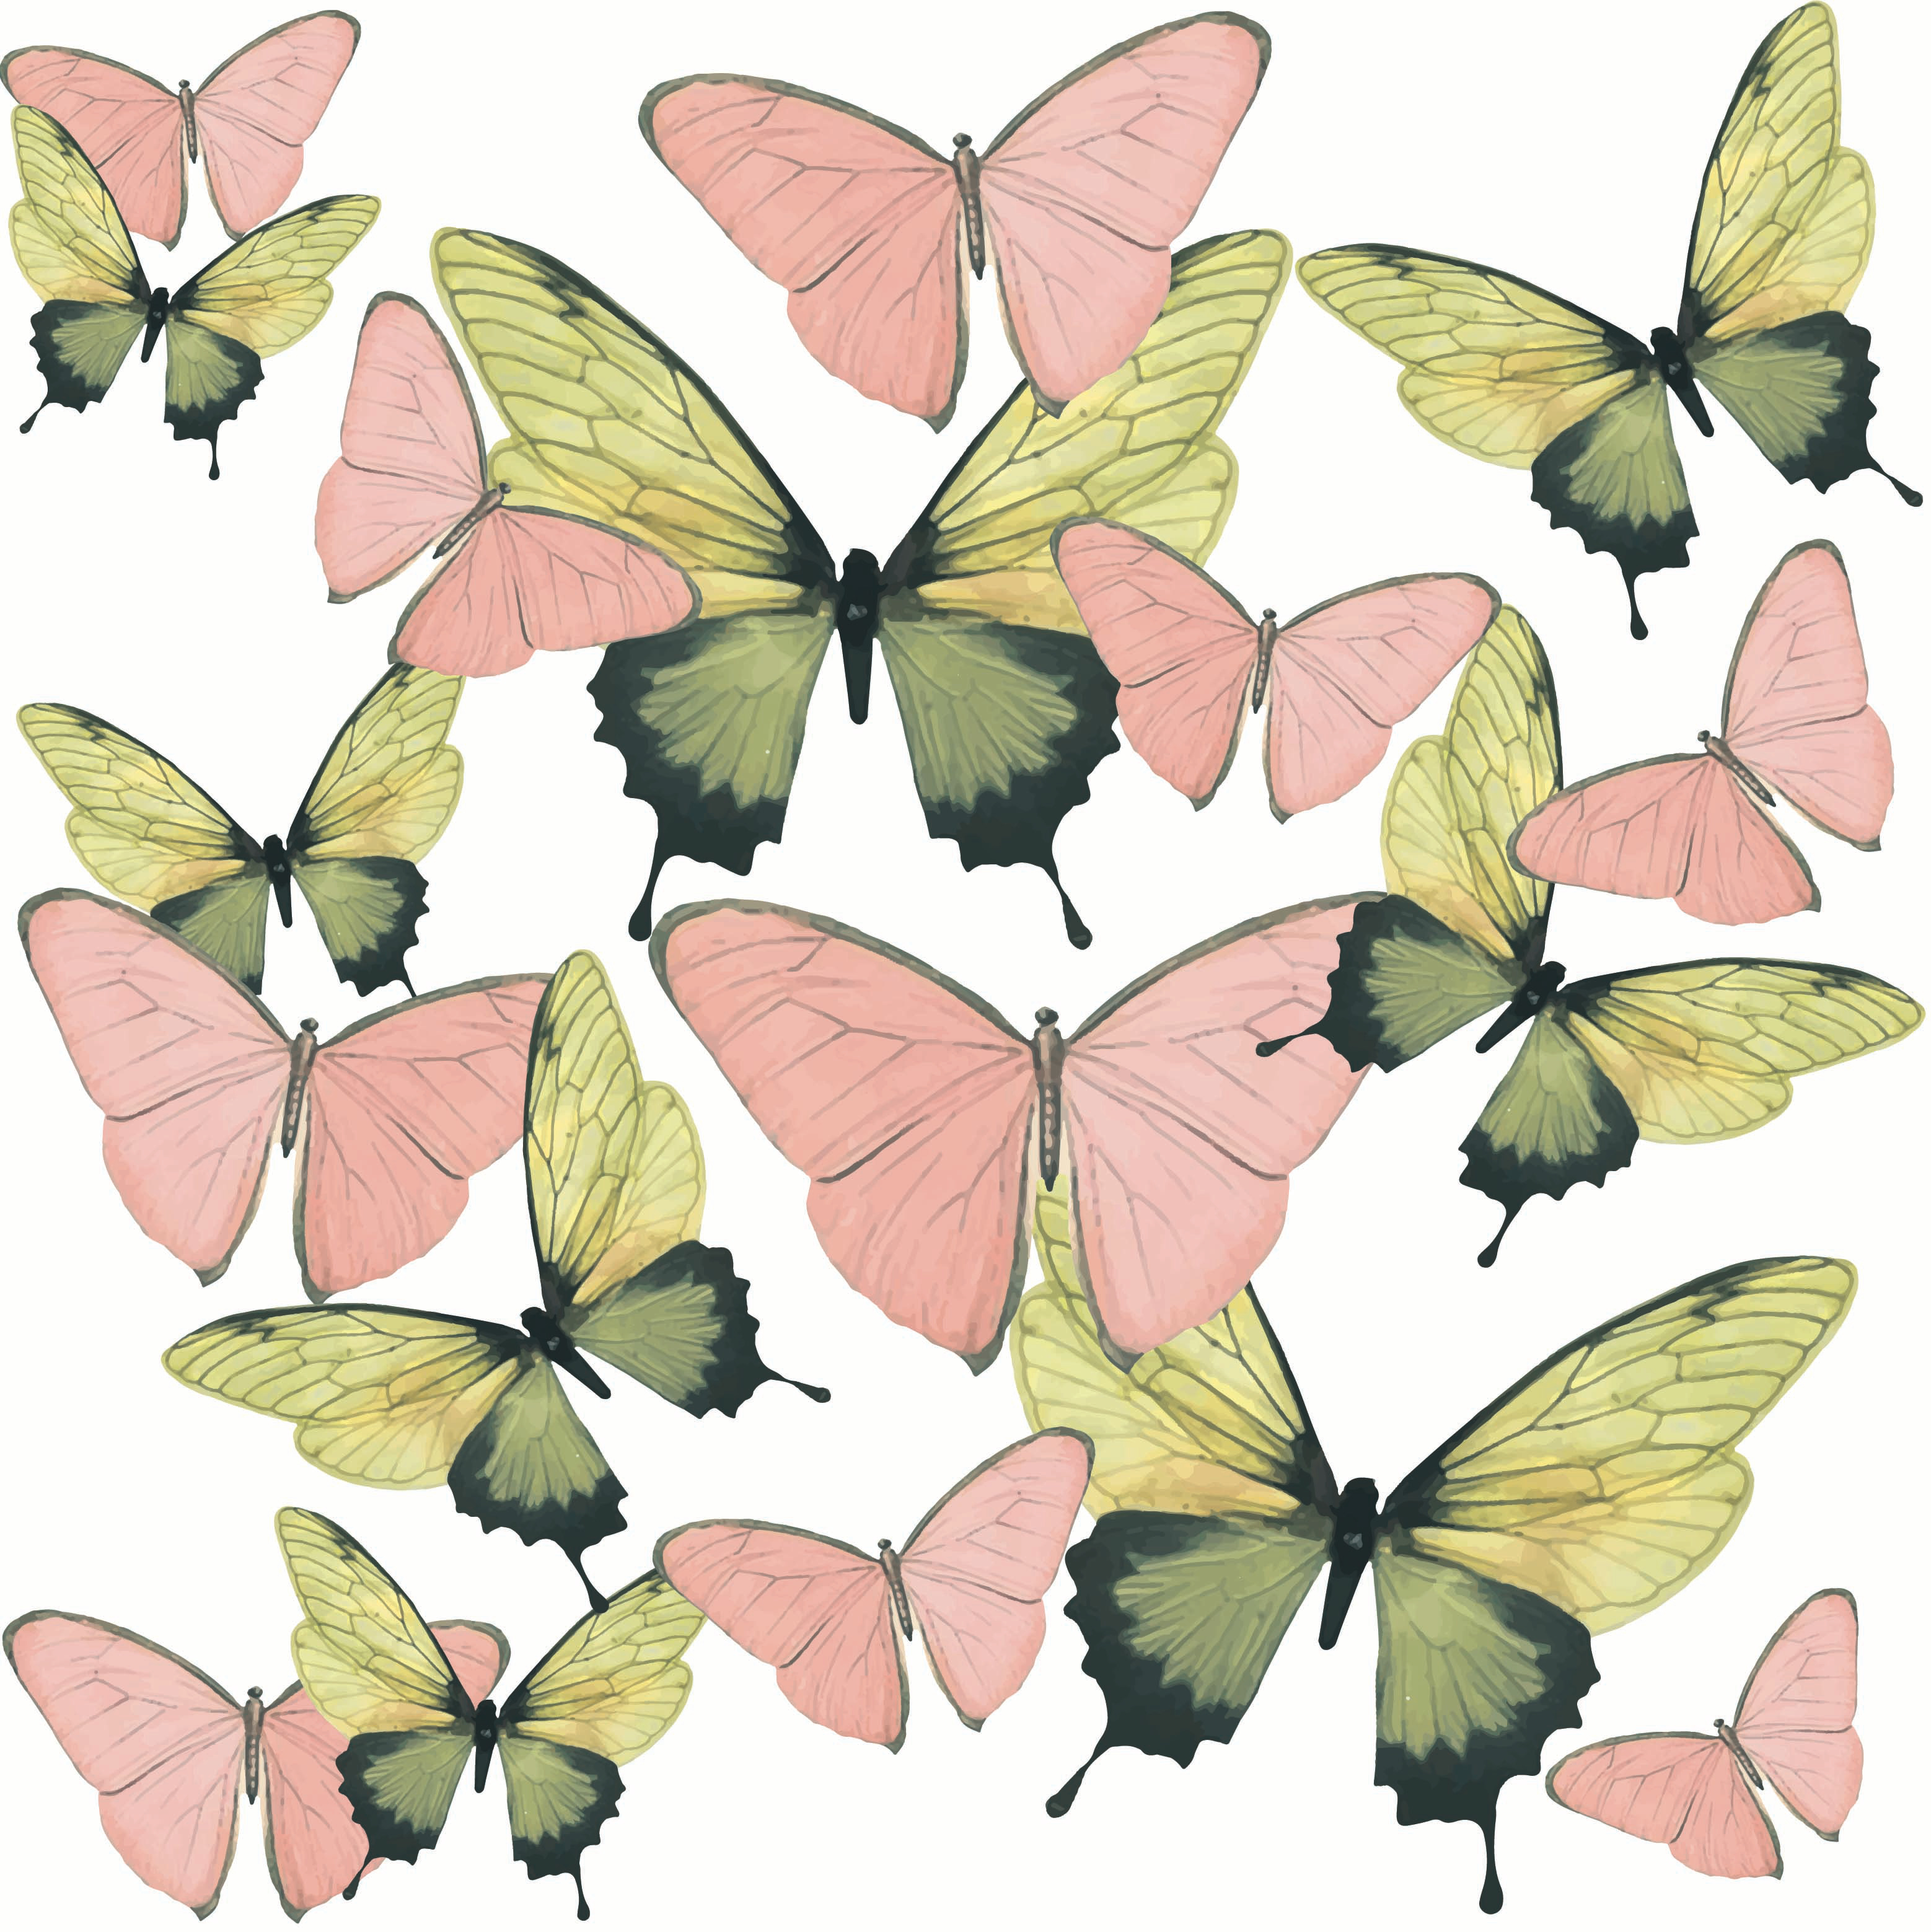 pink n gr buttfly TILE